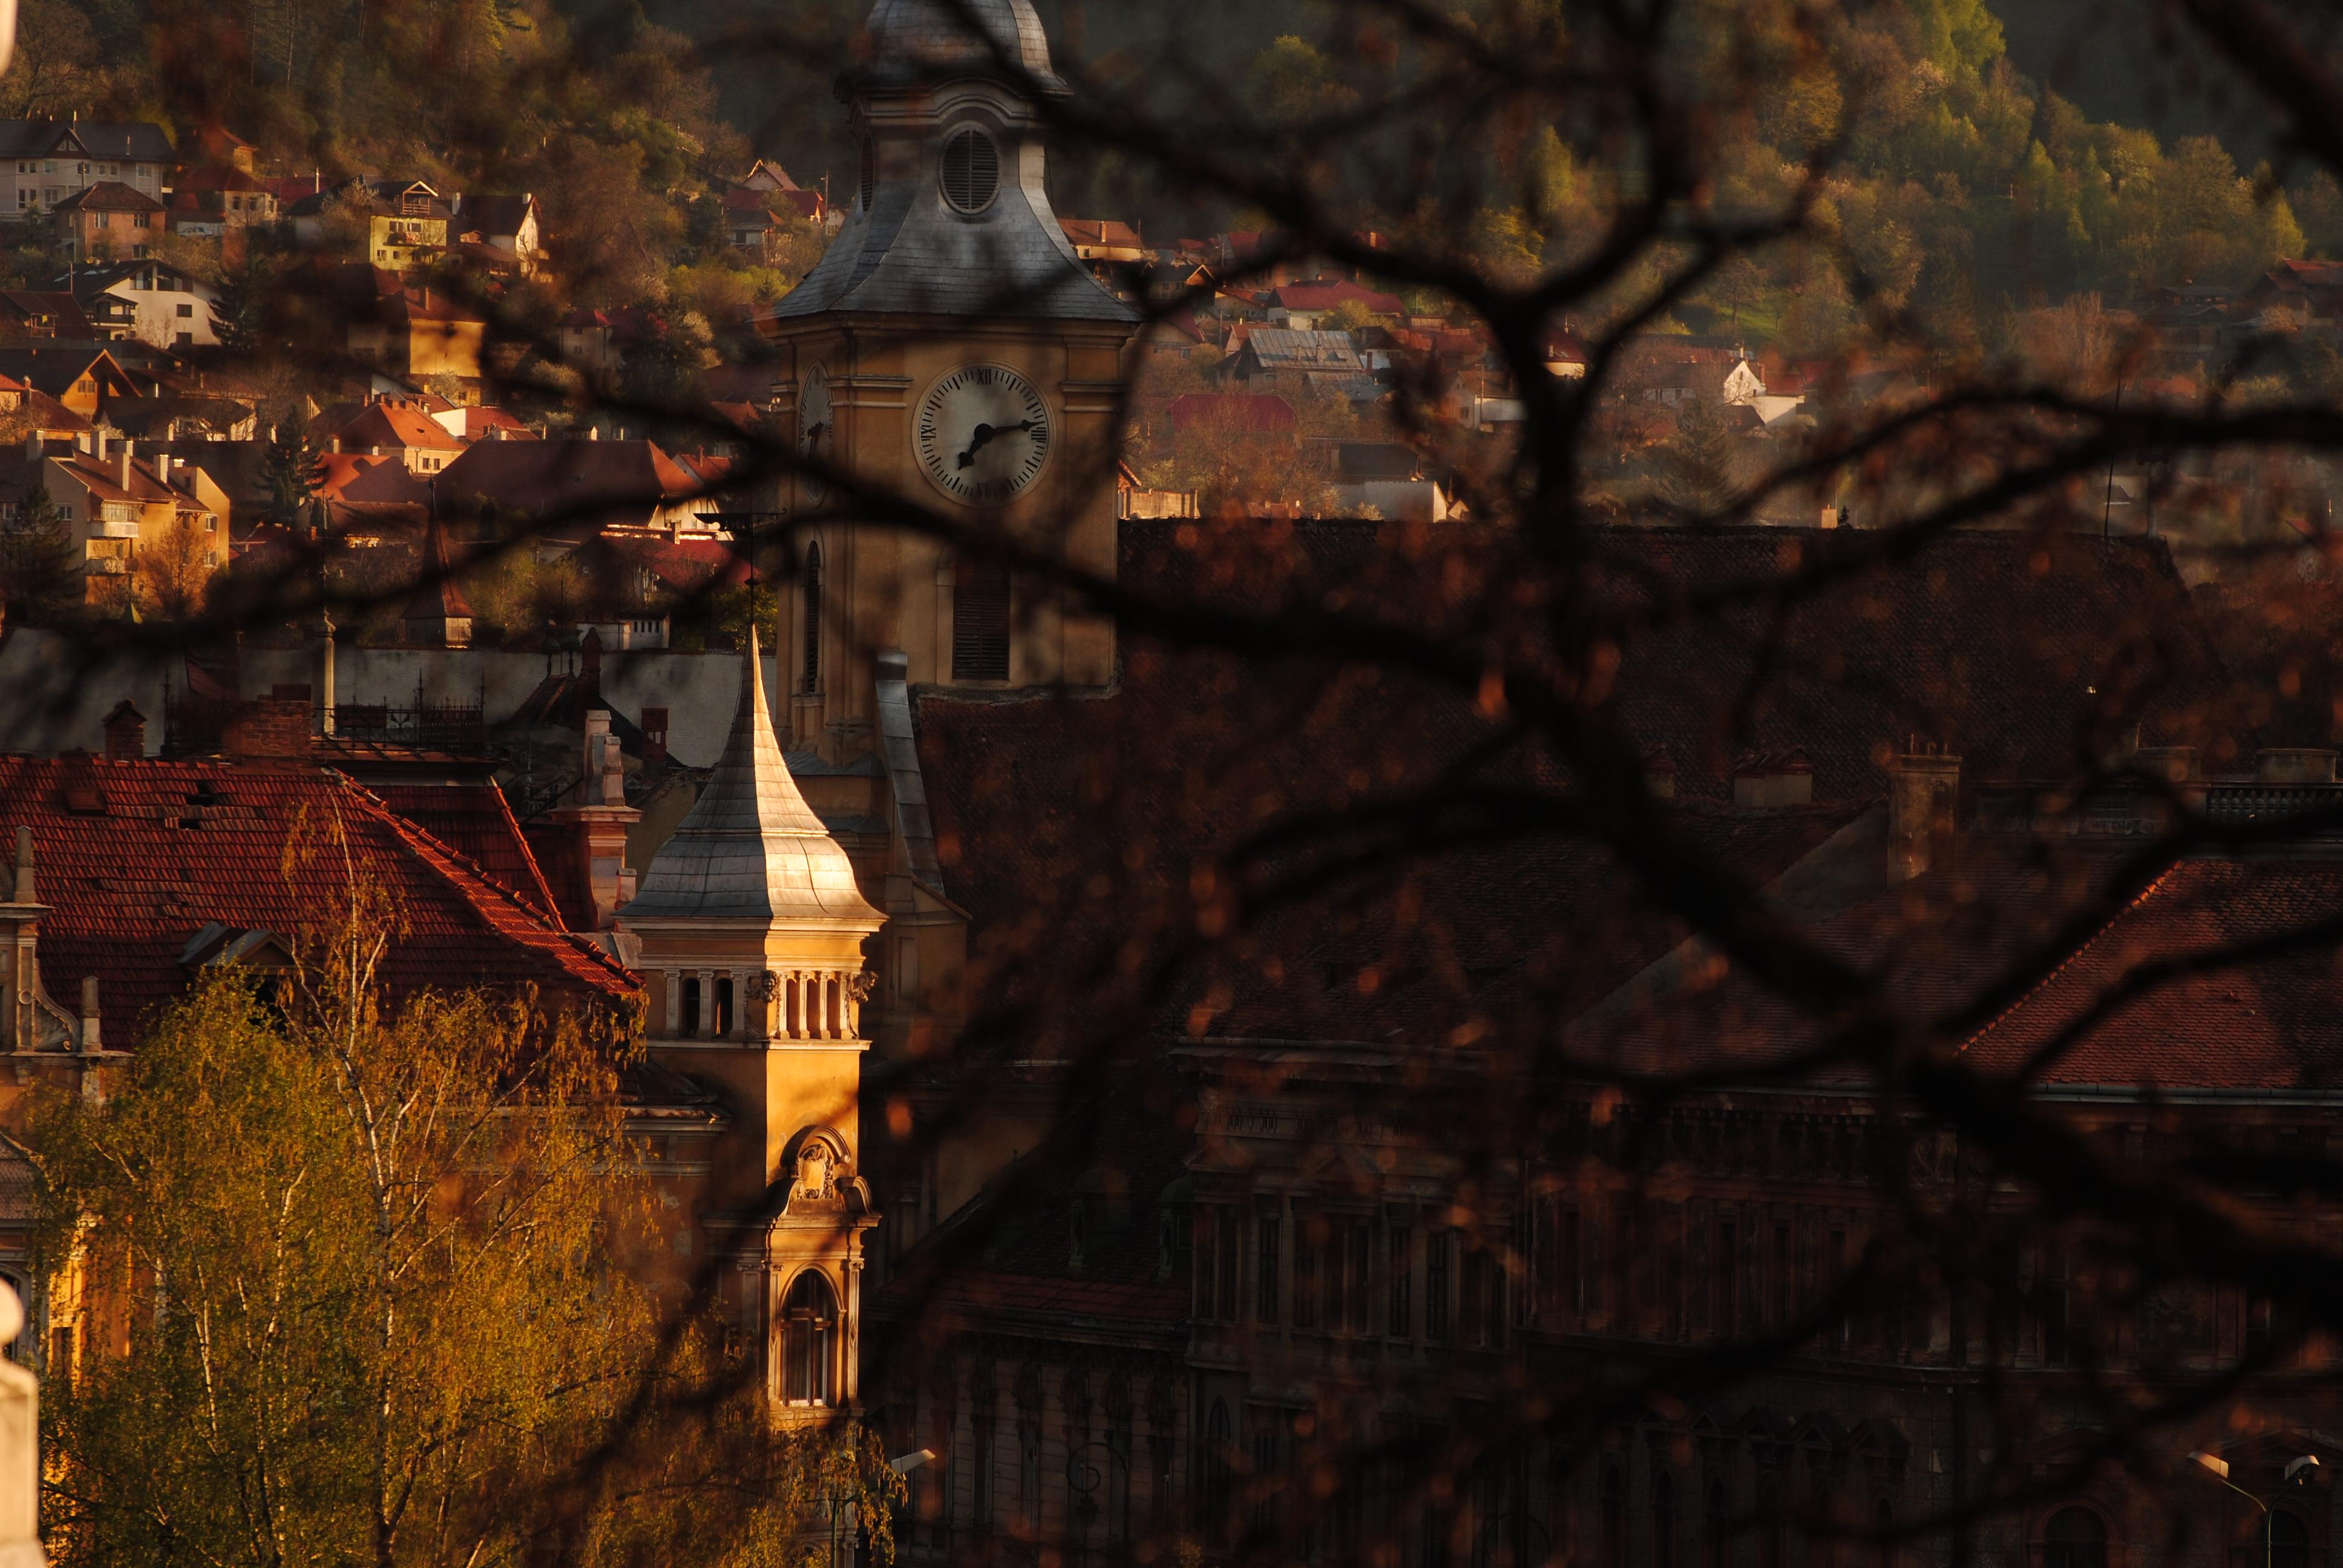 Aprilie 2013, vedere înspre Mureșenilor